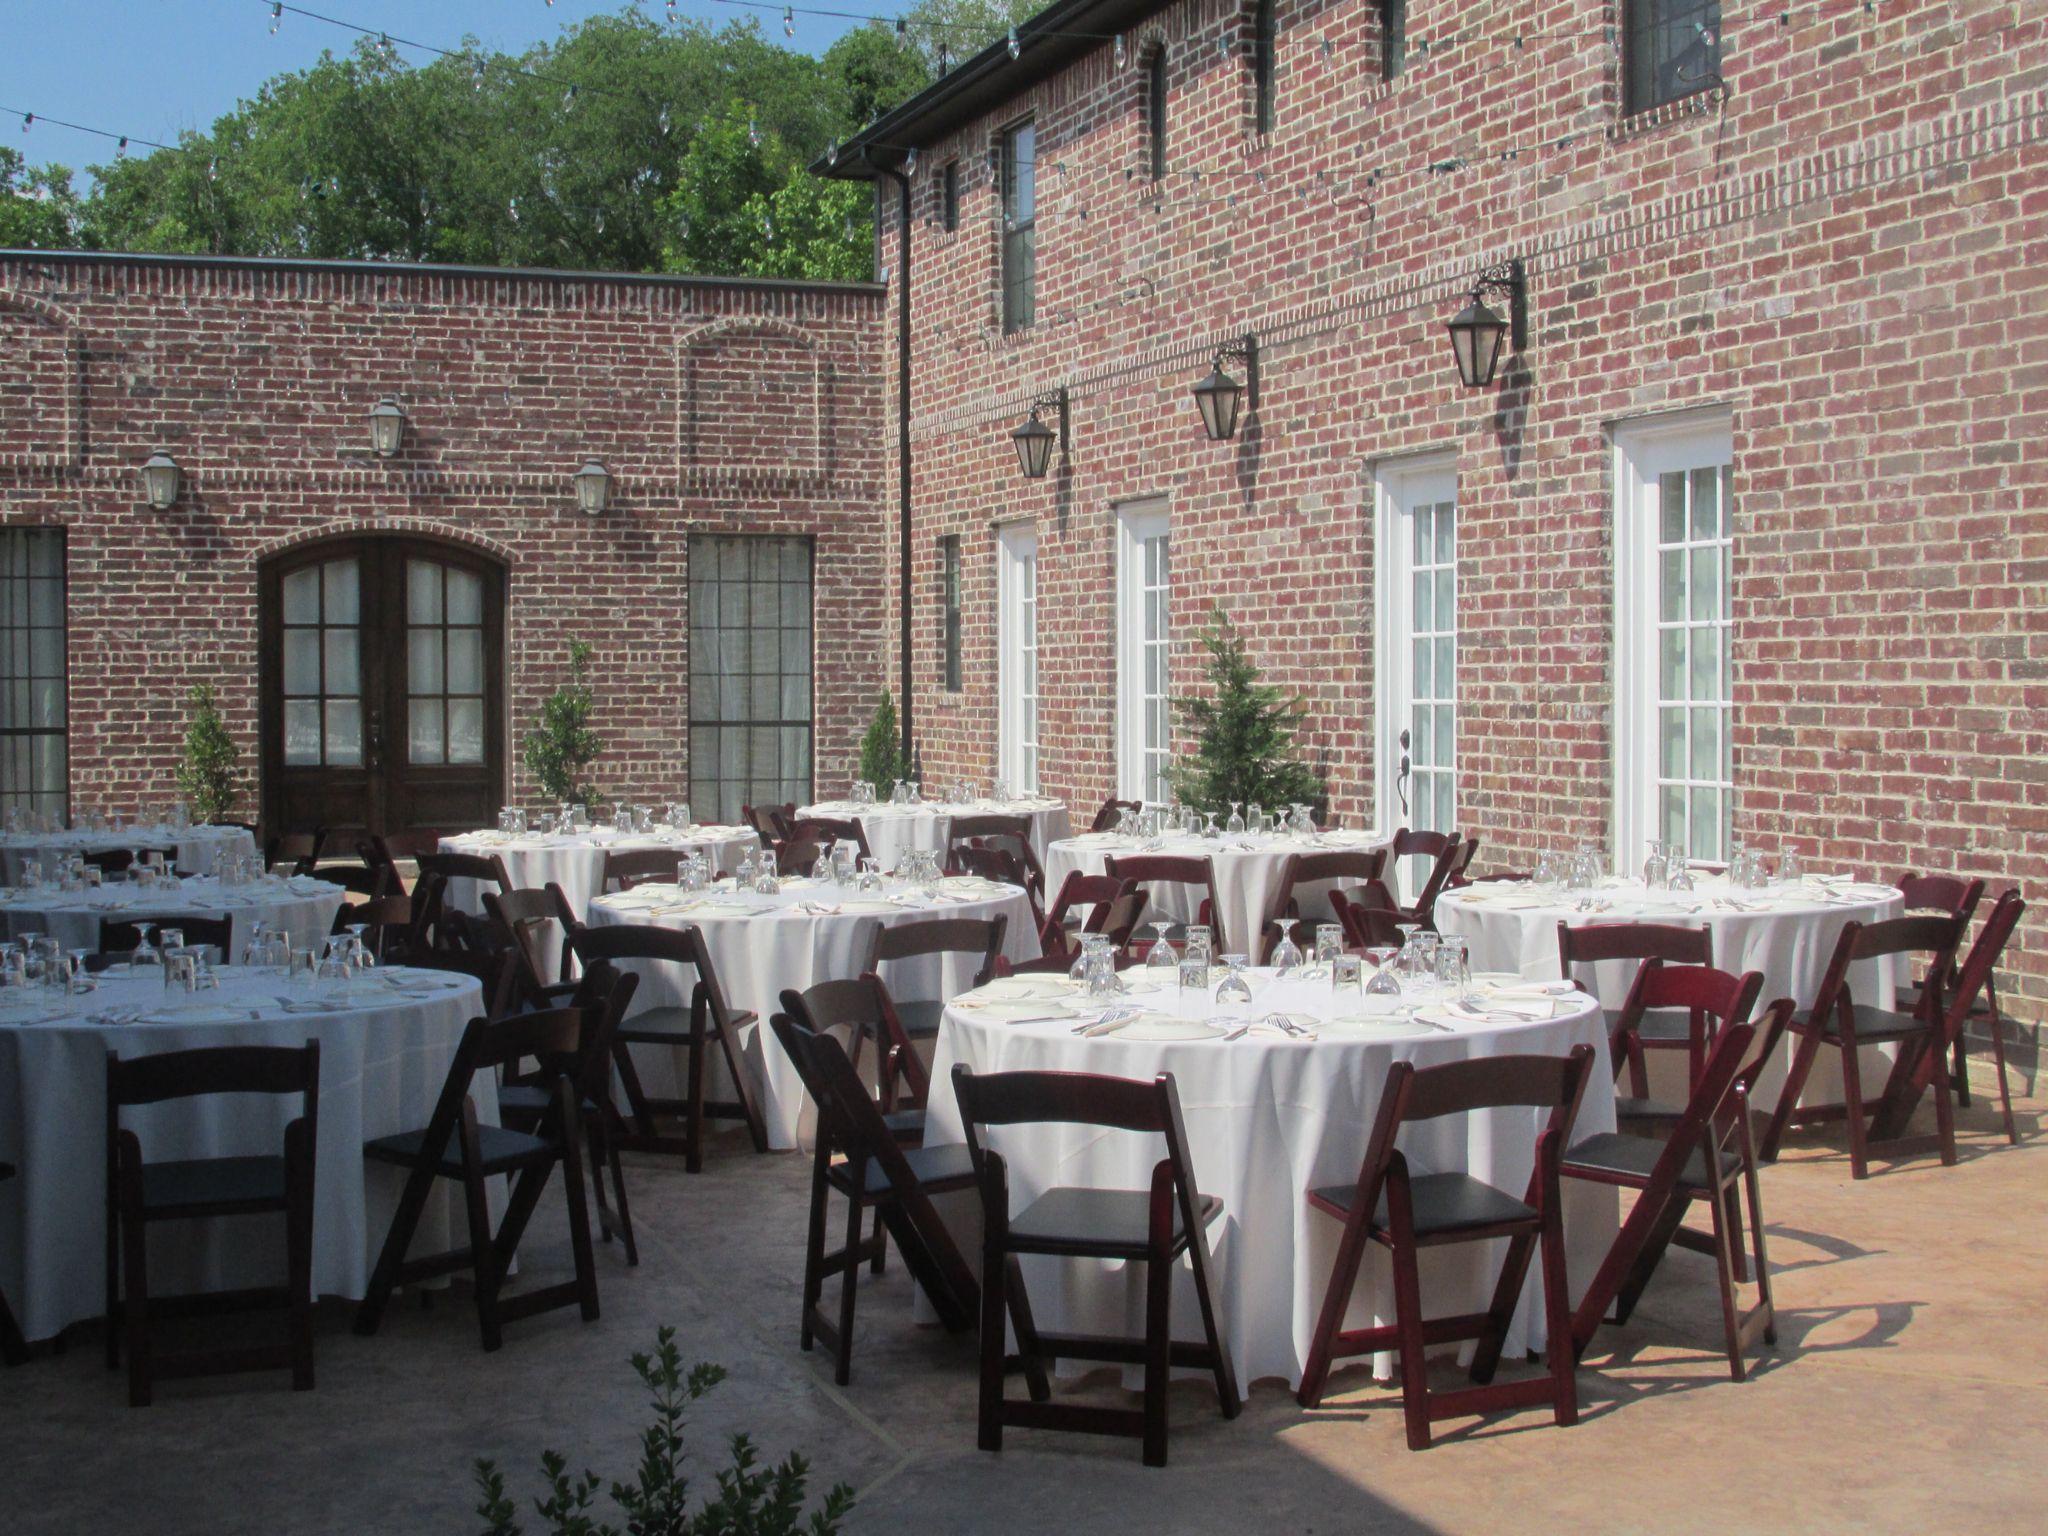 Courtyard Dining La Cour Venue McKinney Event